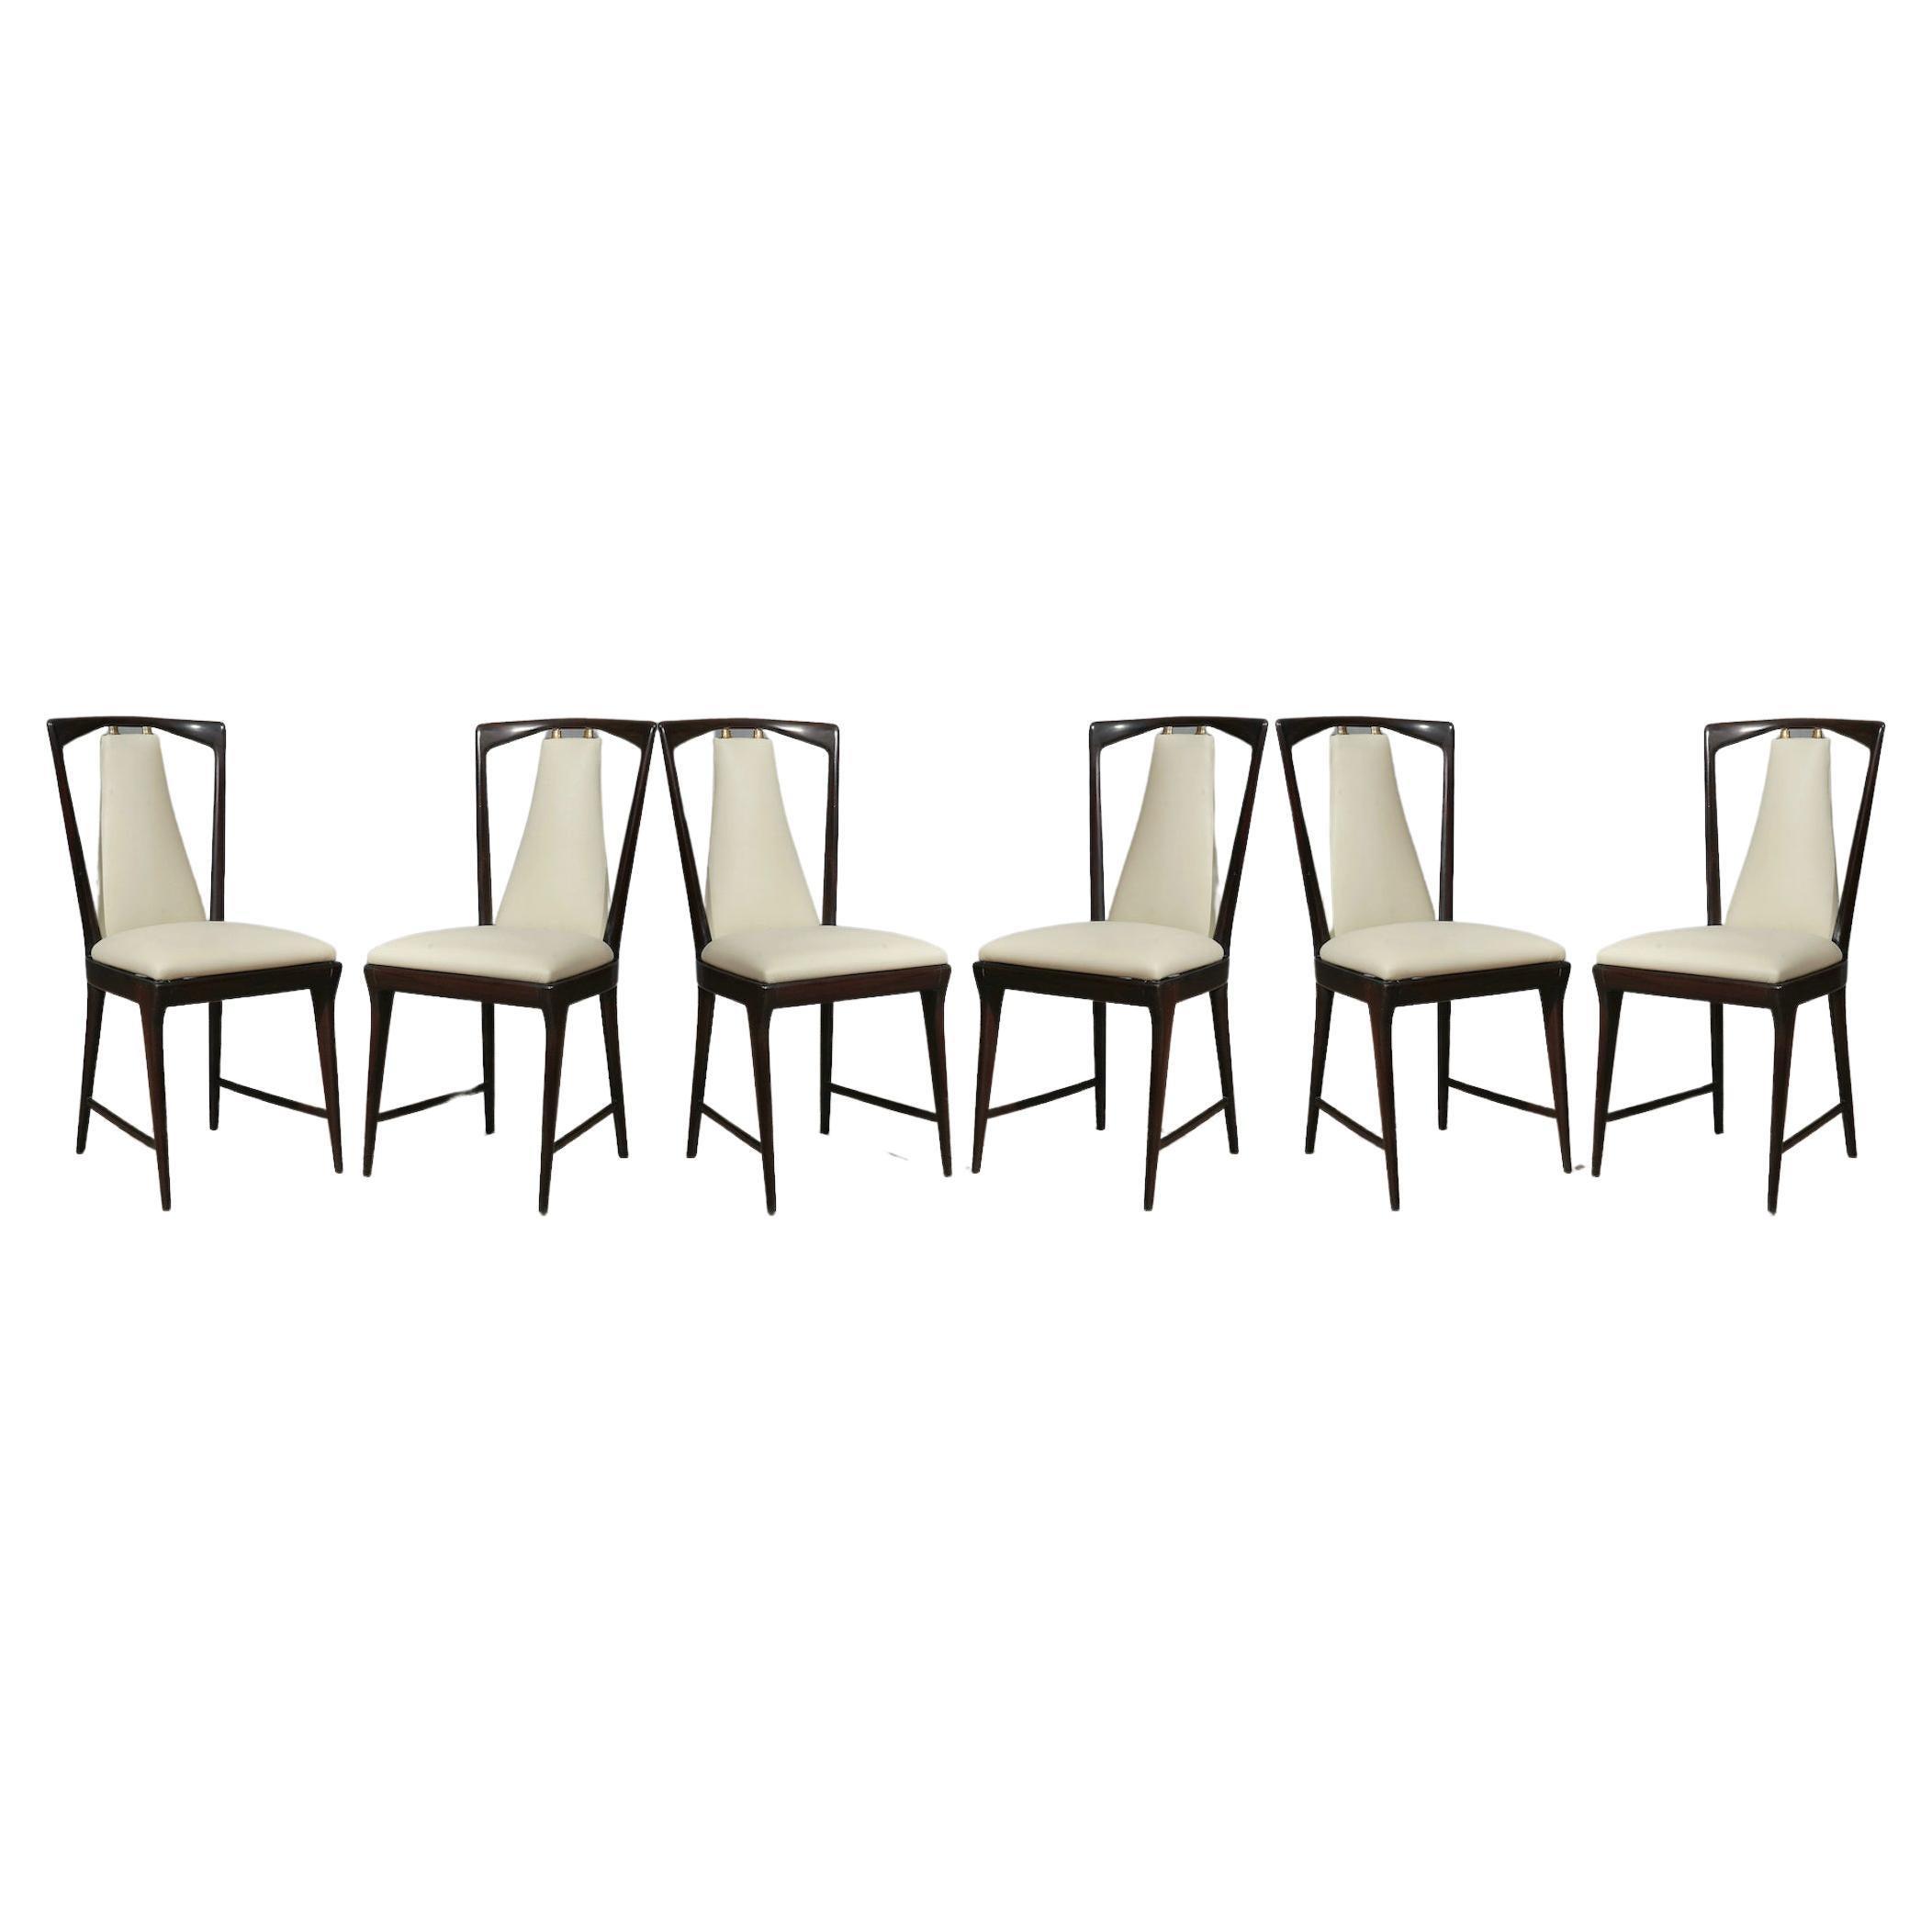 Osvaldo Borsani Mahogany and Leather Italian 6 Chairs, 1950